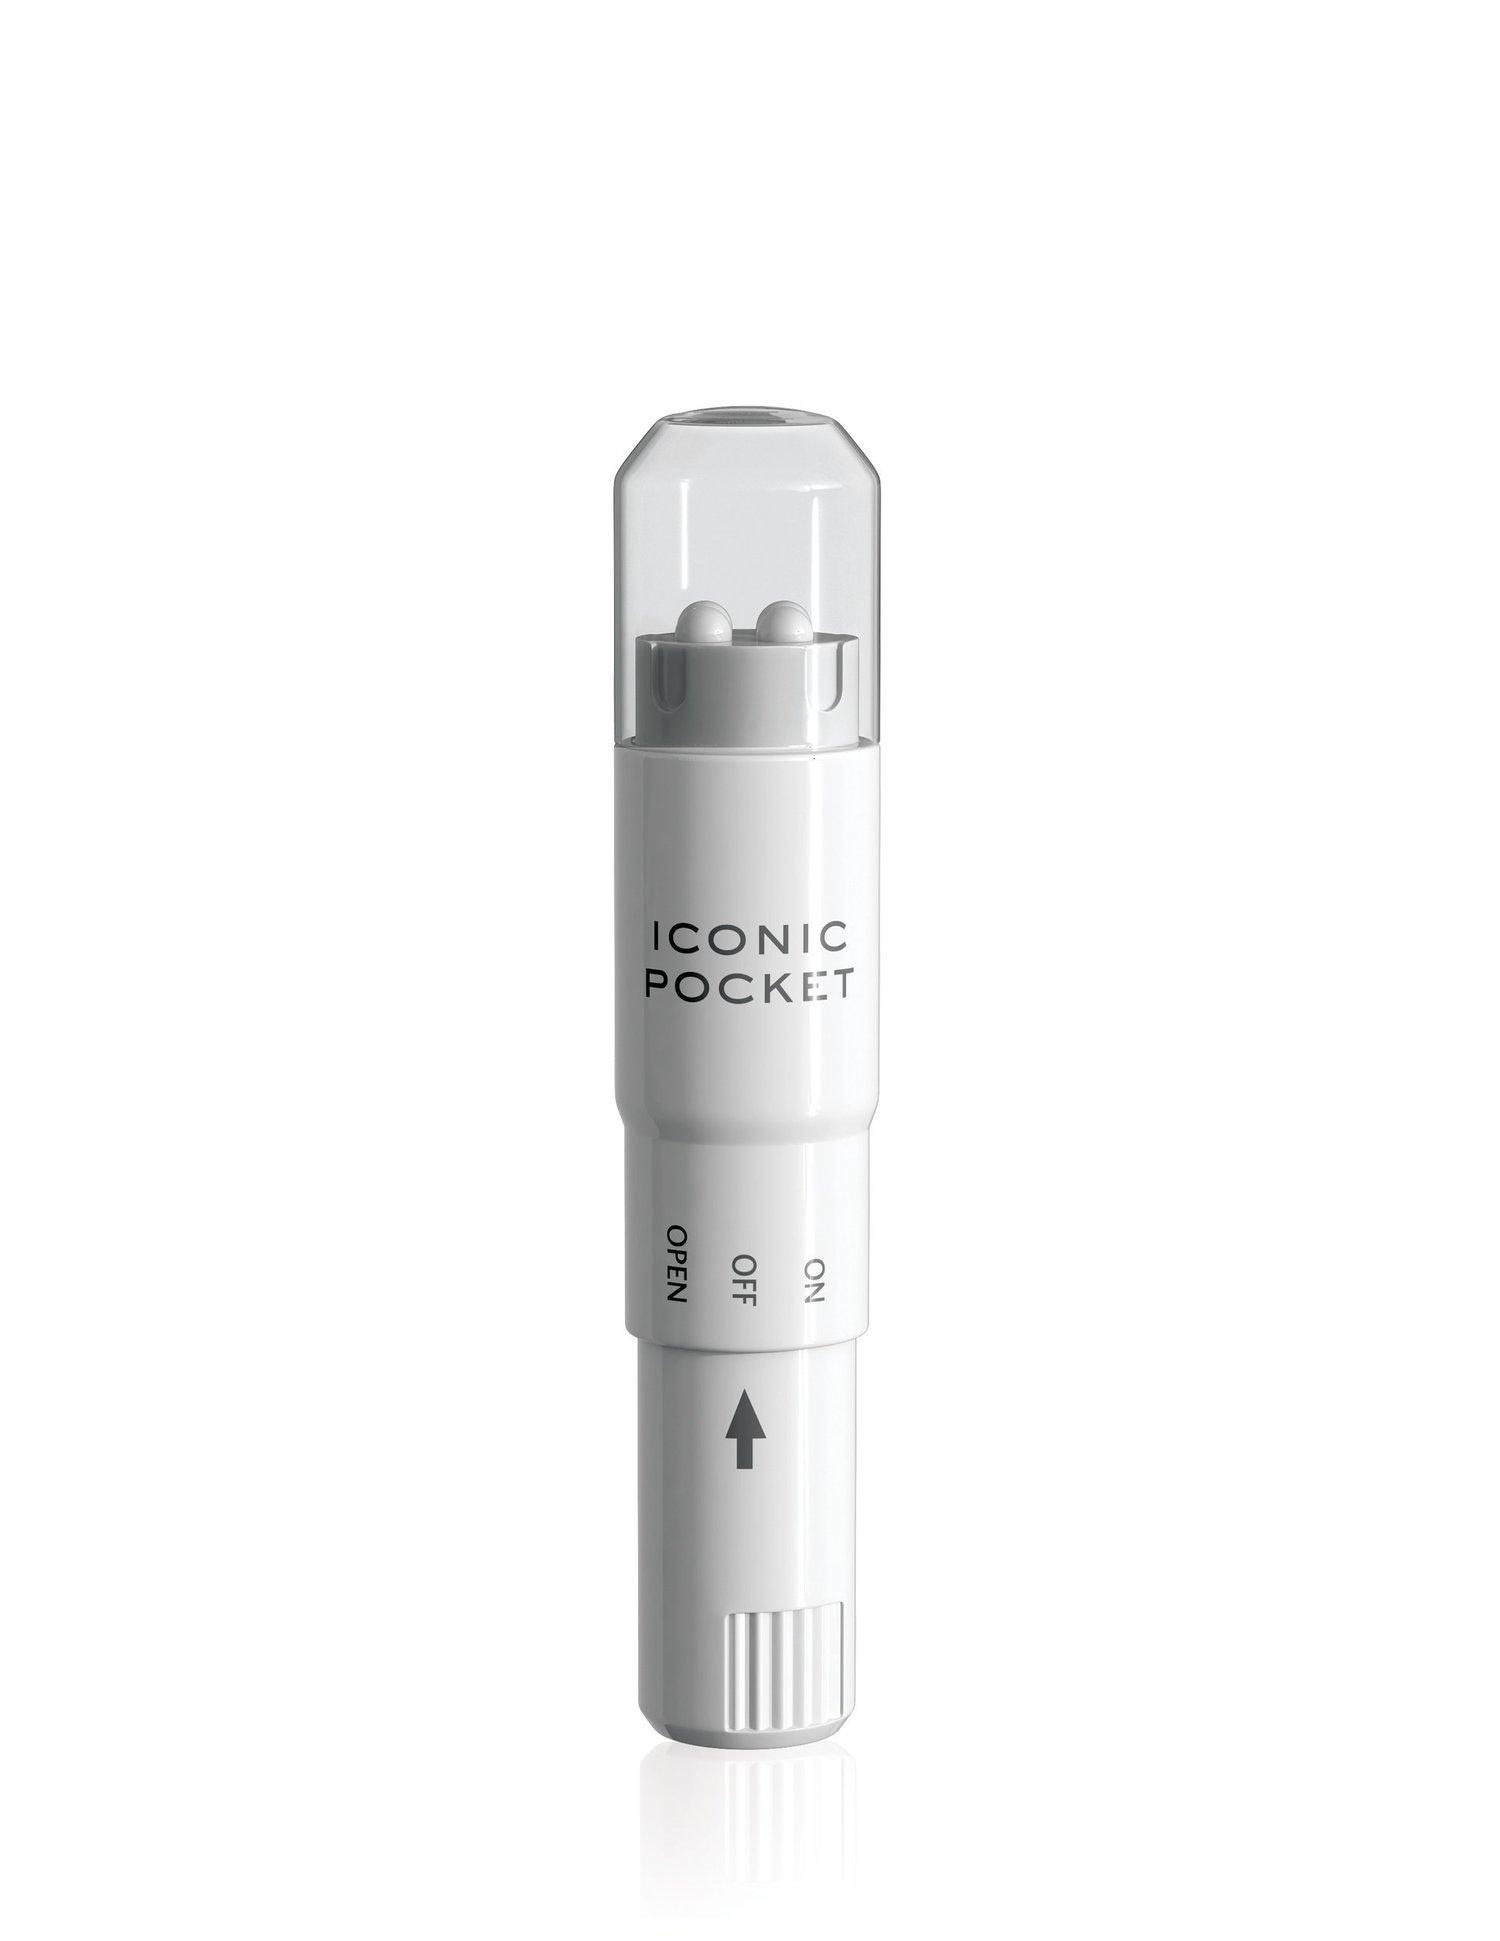 Iconic Pocket Vibrator